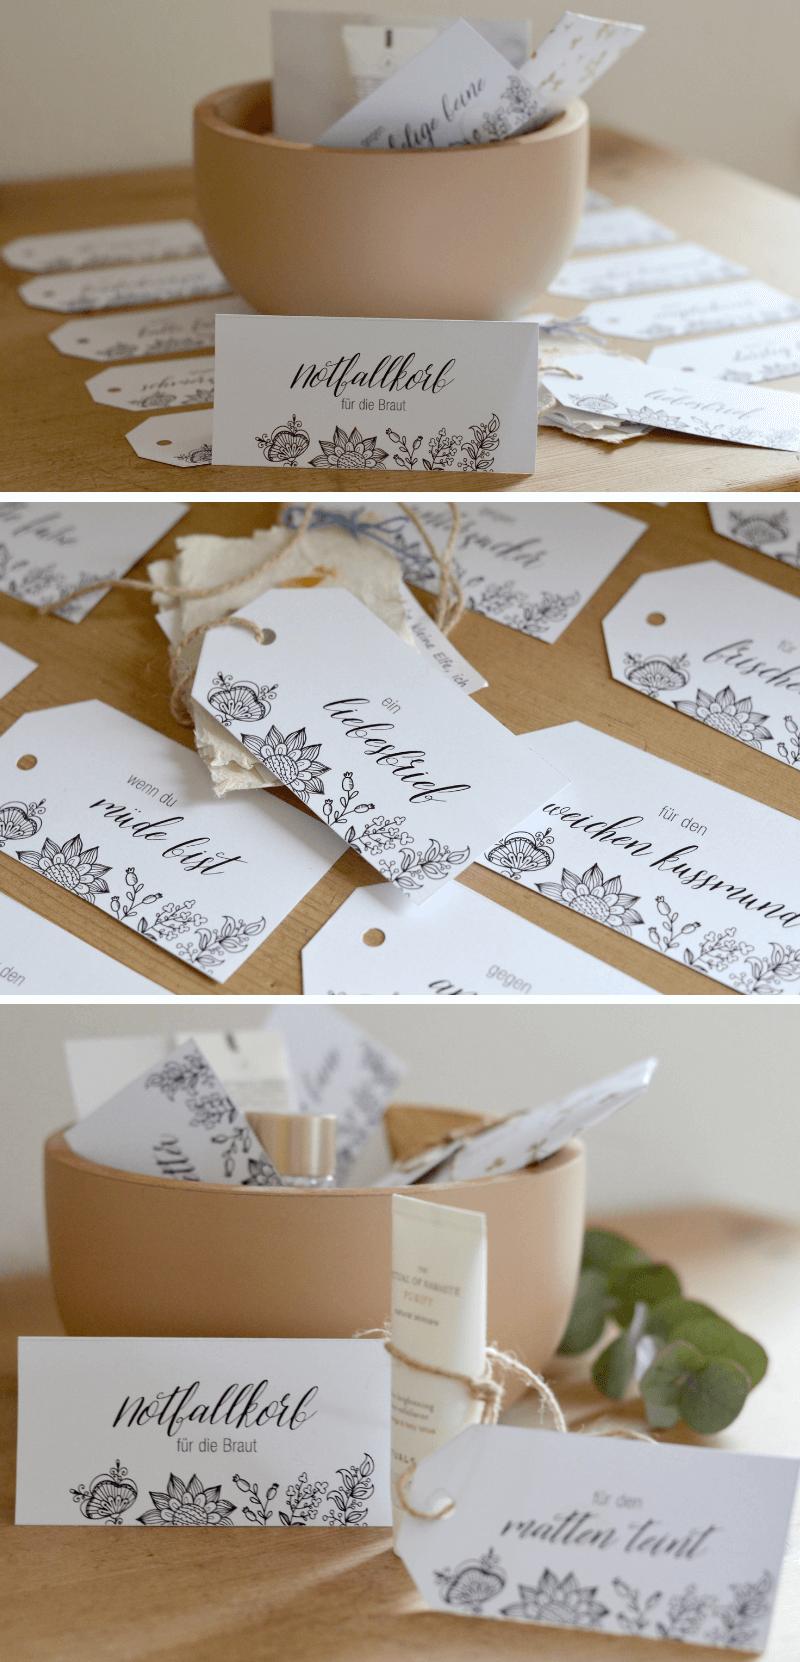 Notfallkorb Hochzeit, Notfallkorb Braut, Bräutigam Survival Kit, Hochzeitsgeschenk